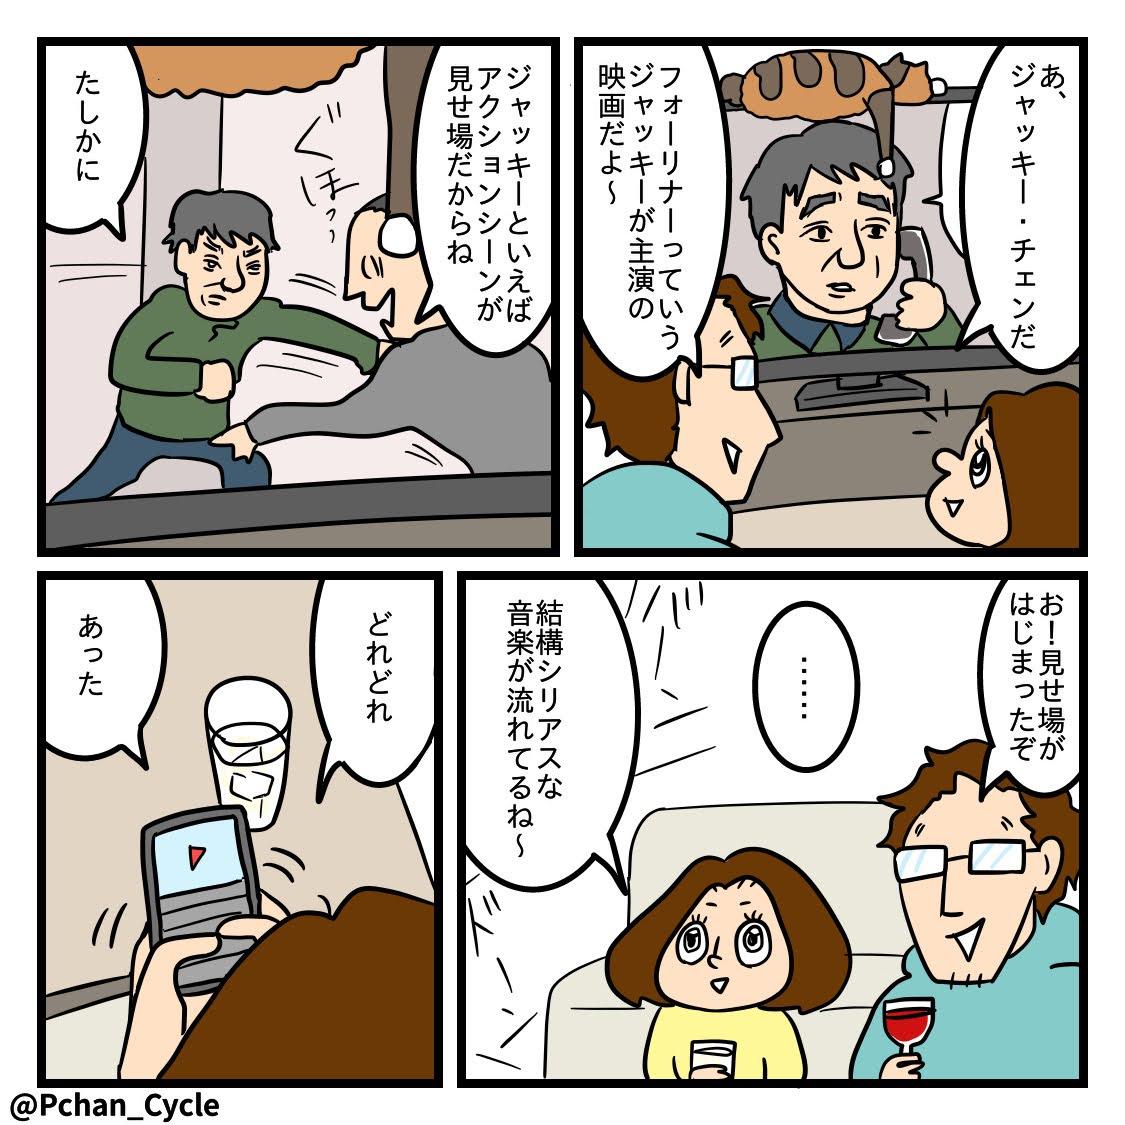 ジャッキーチェン!SNSに投稿しているPちゃんの日常4コマ漫画まとめ